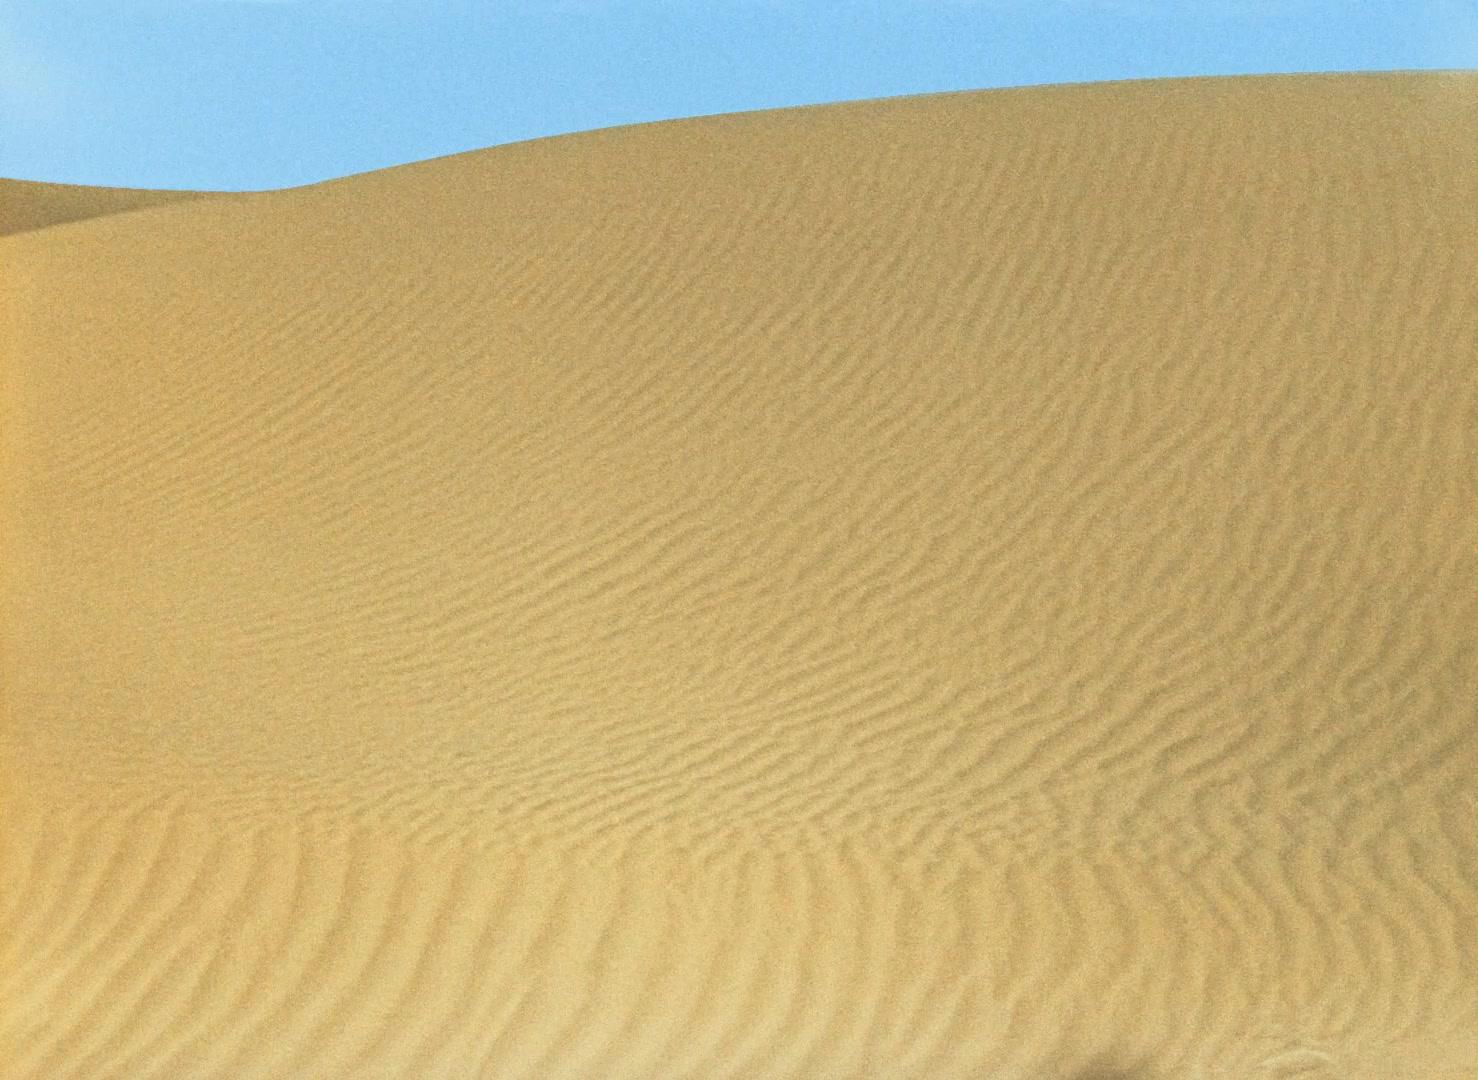 White.Sun.Of.The.Desert.1969.1080p.Blu-Ray.FLAC.DTS.mkv_20140324_084917.289.jpg